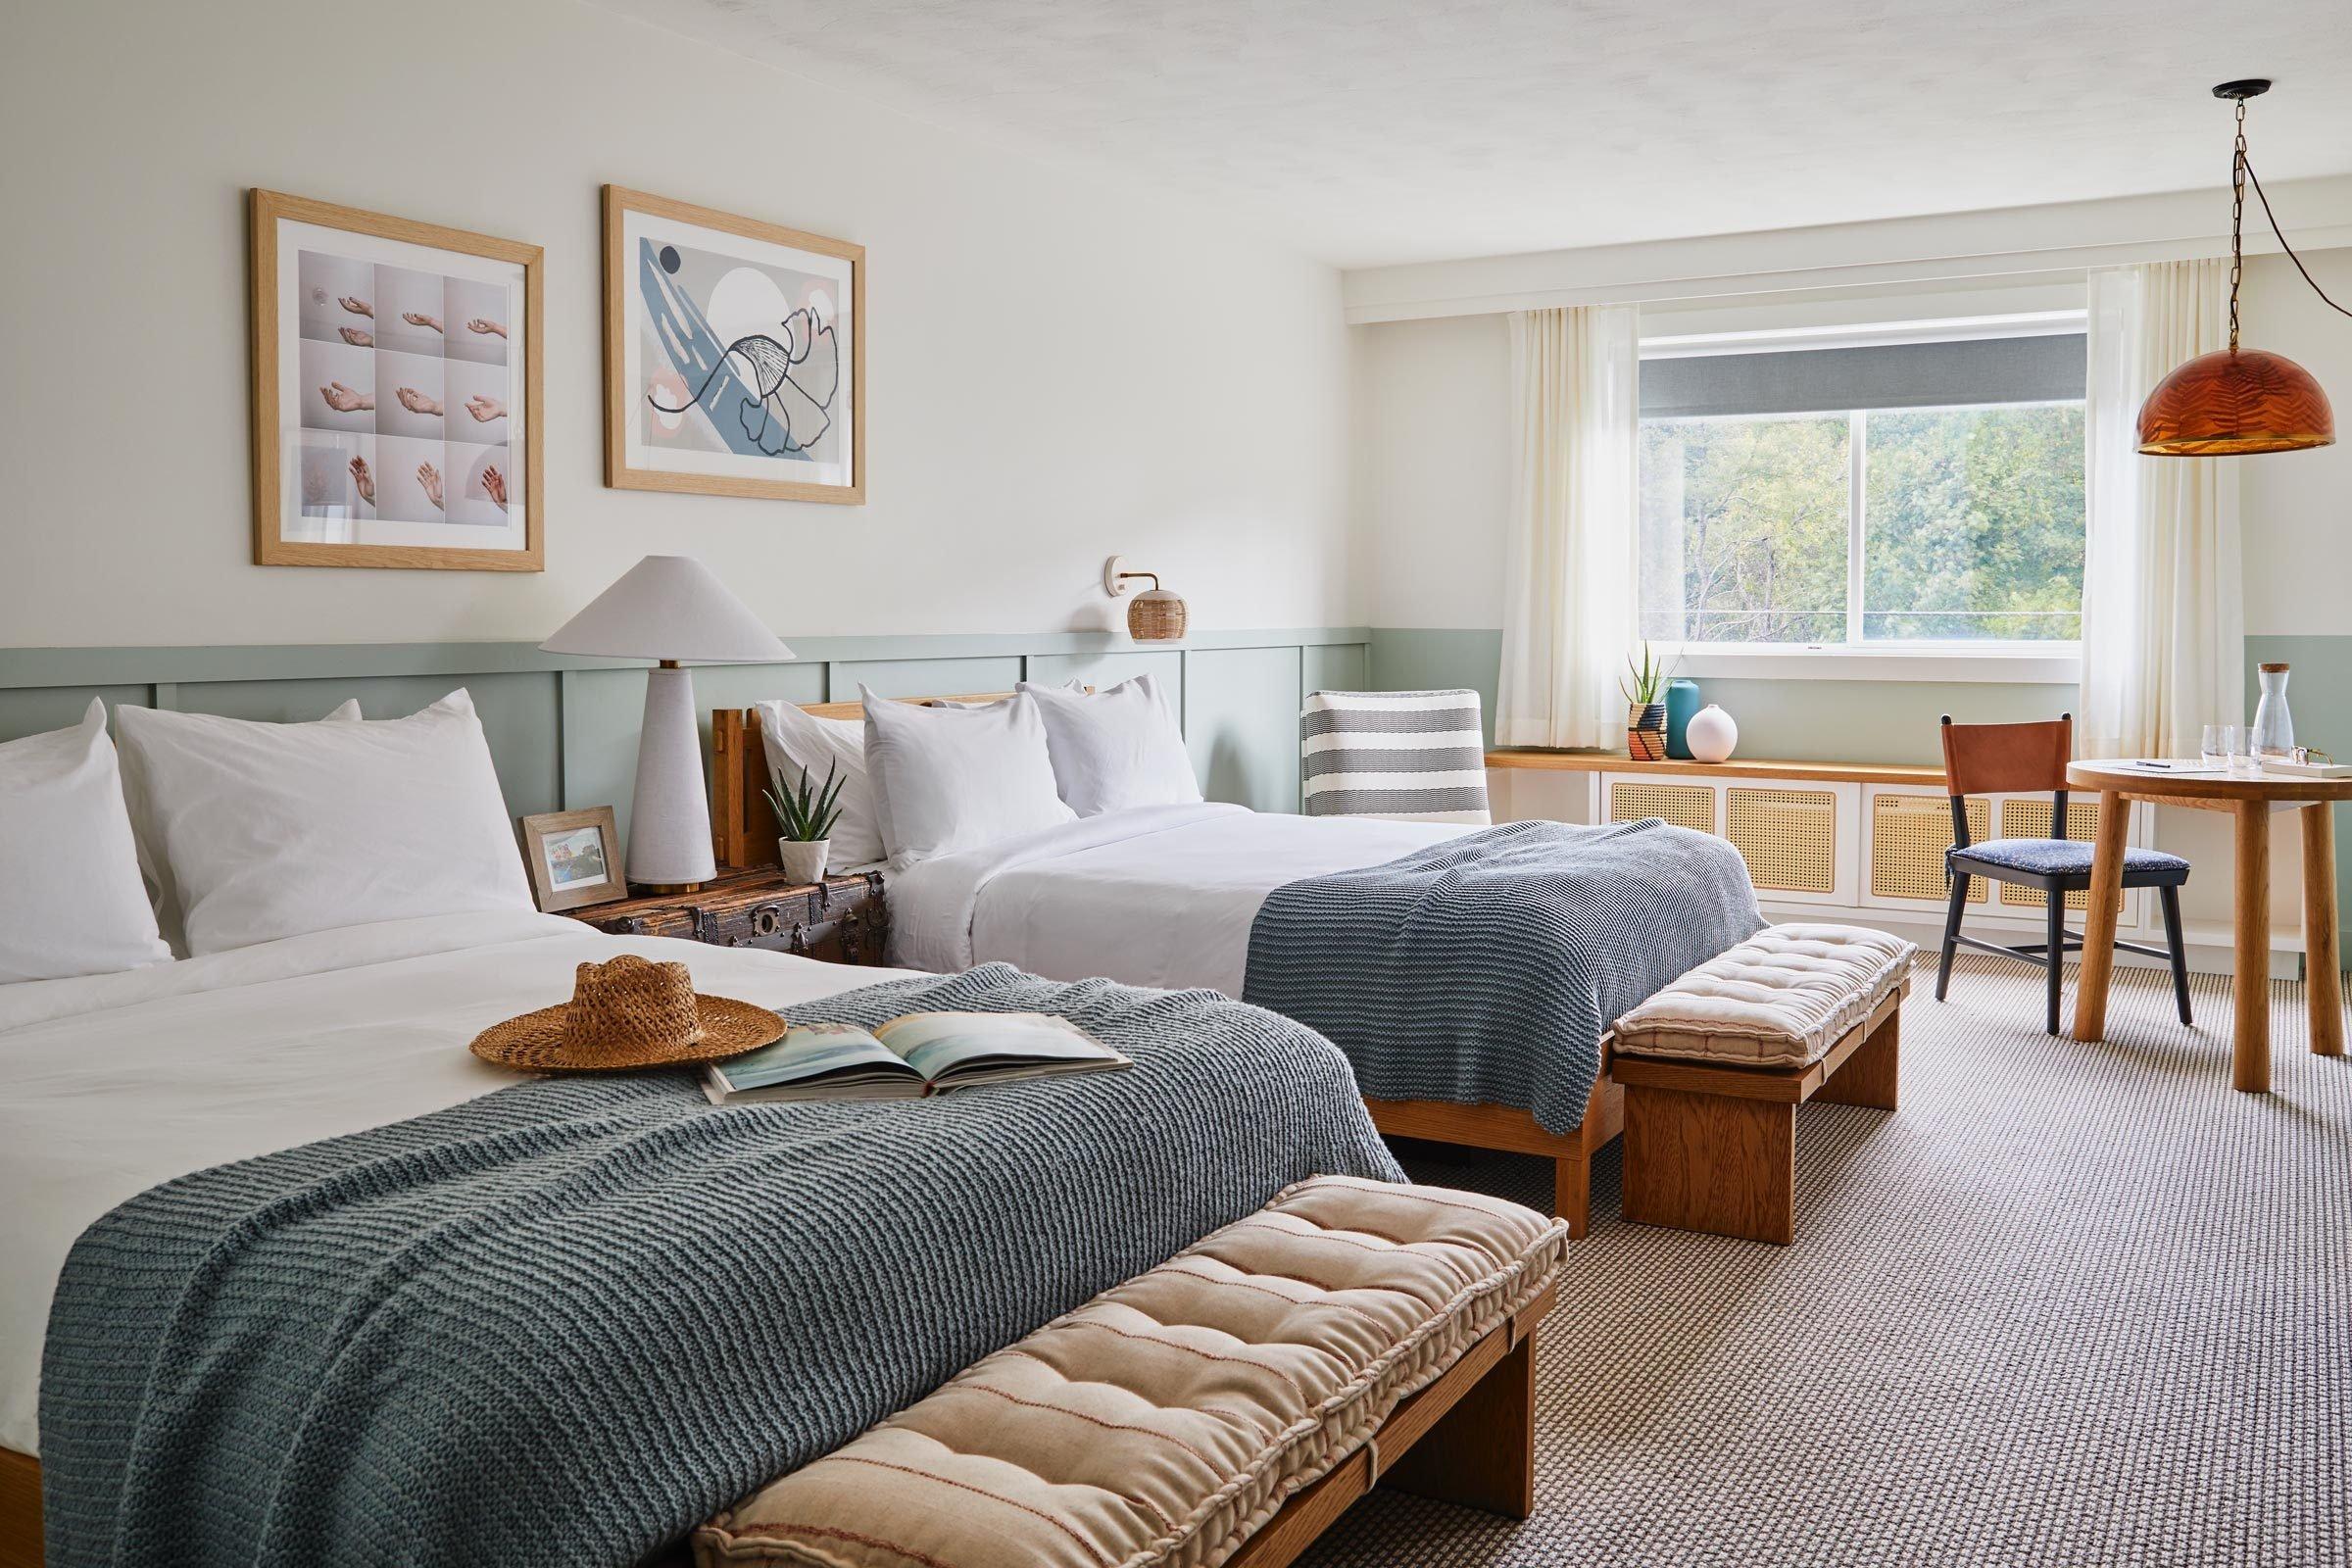 guestroom at the Wayfinder